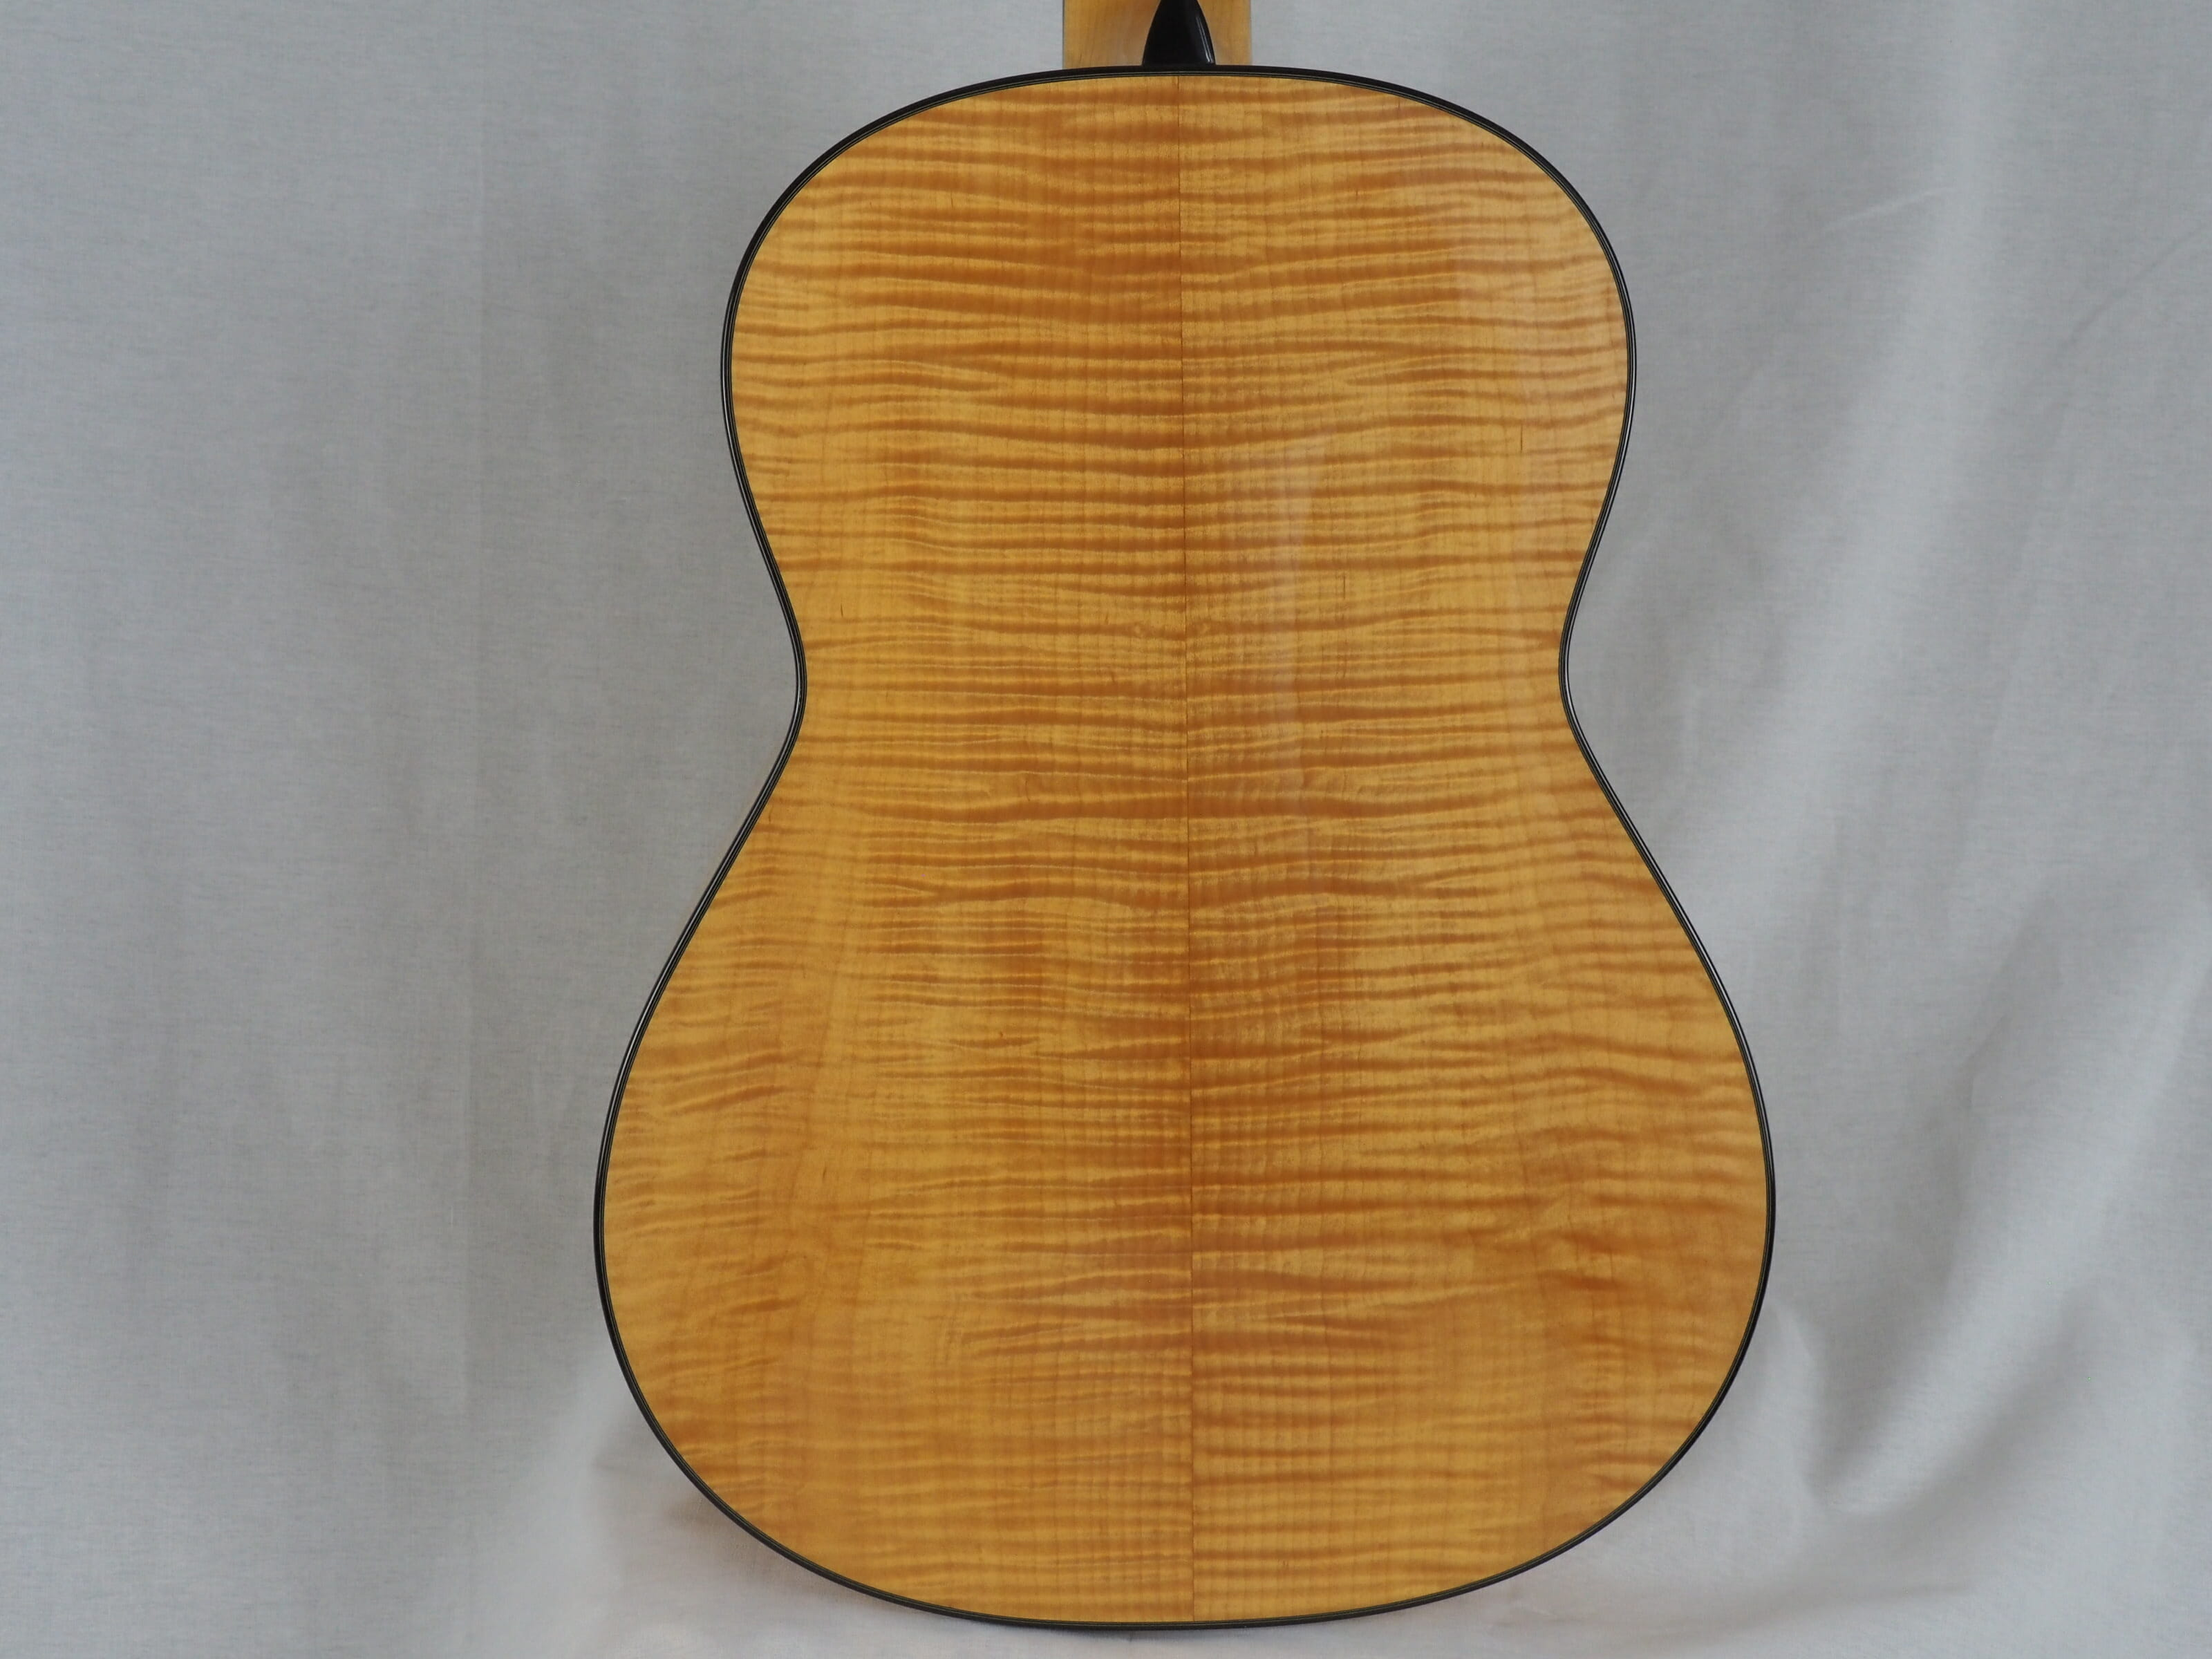 Kim Lissarrague guitare classique luthier No 19LIS311-07